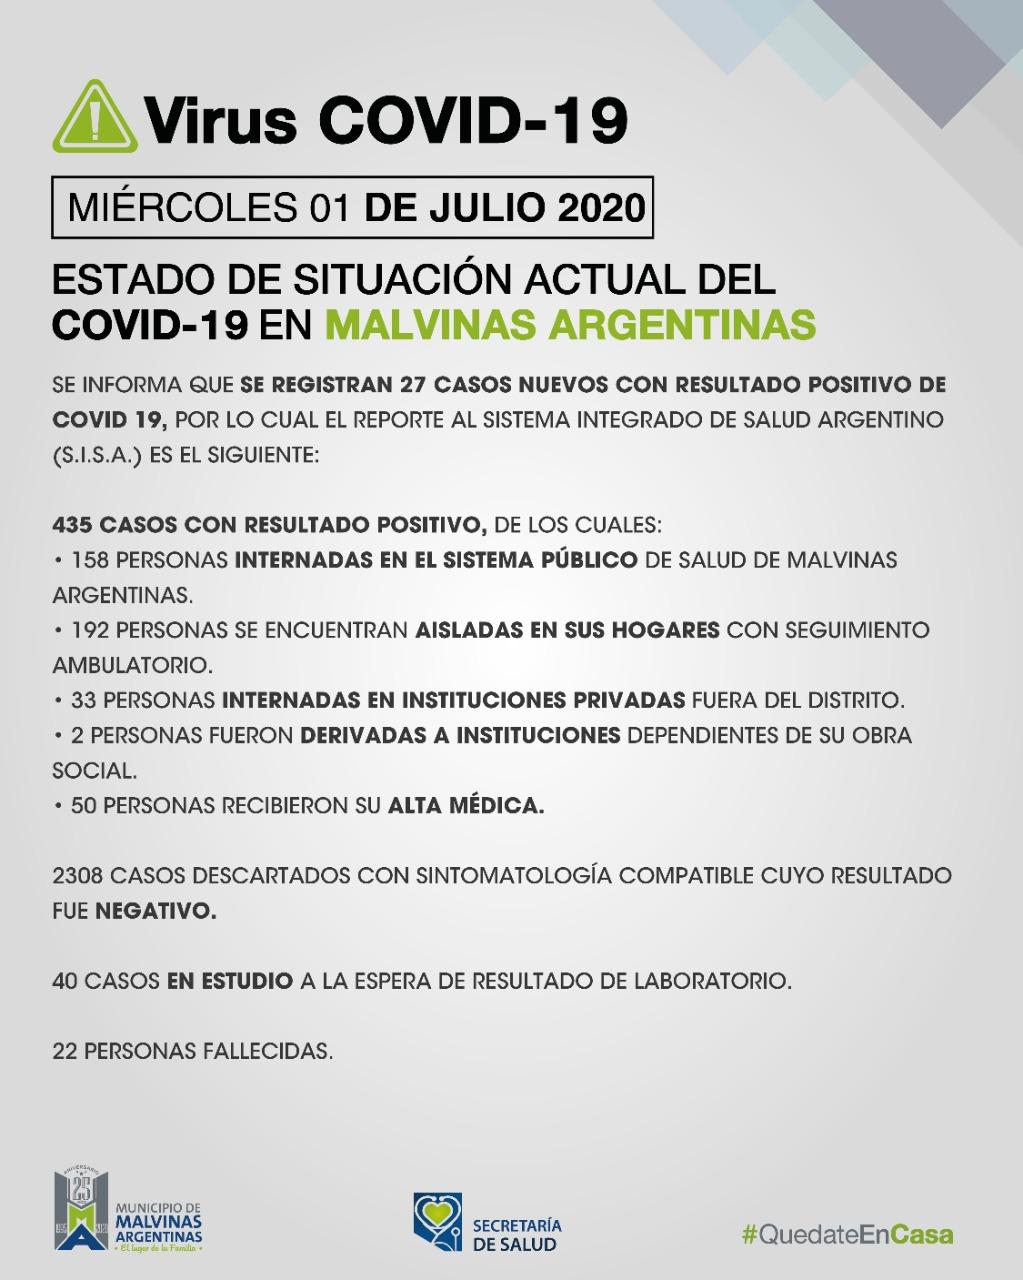 Malvinas Argentinas: miércoles y 27 nuevos casos de COVID-19 en el día de hoy Covid_38